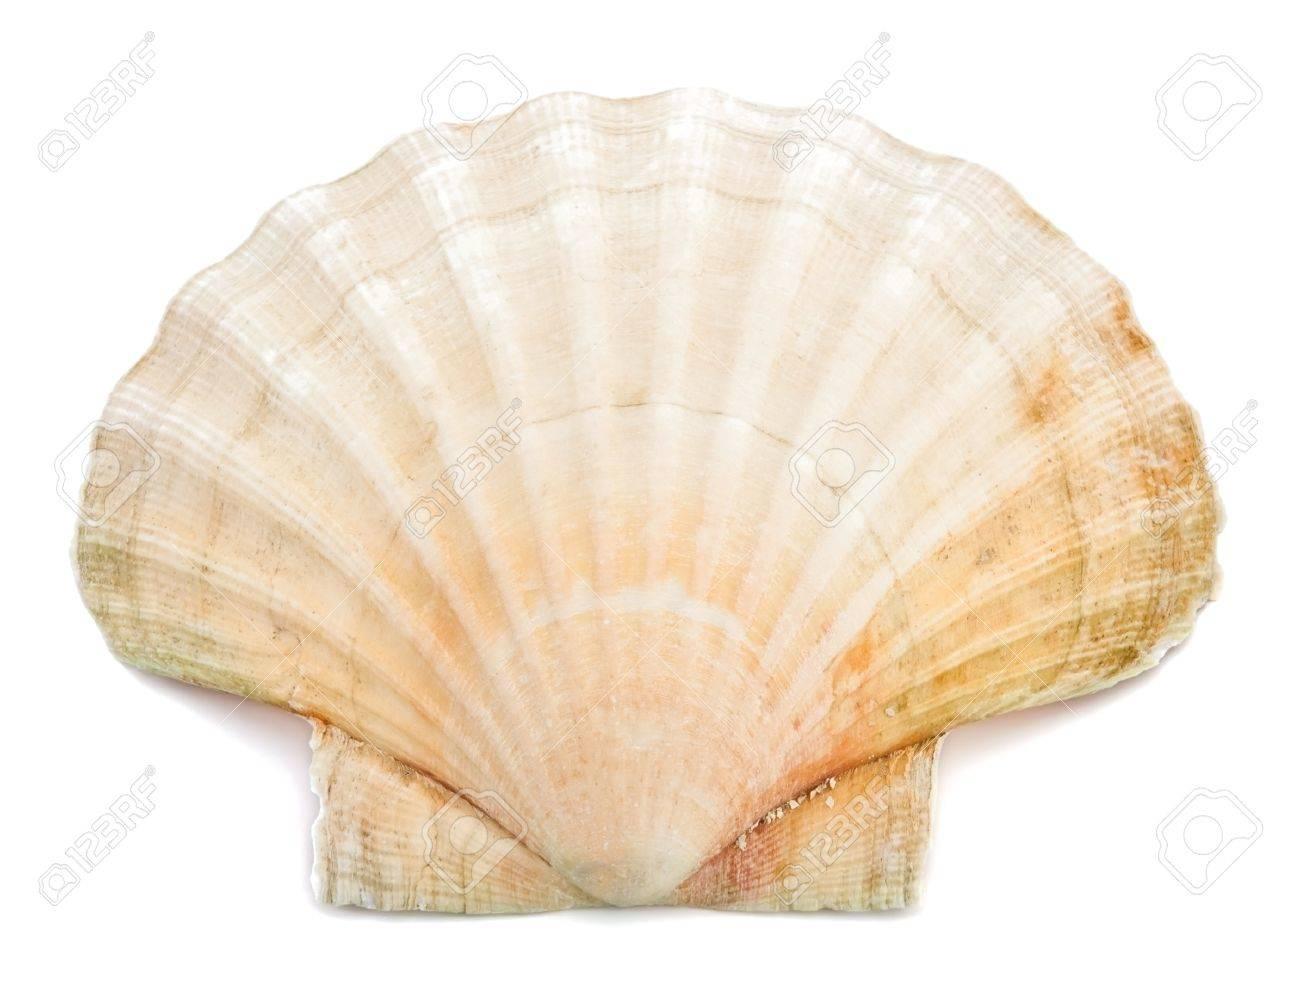 White sea shell on white background Stock Photo - 11188403